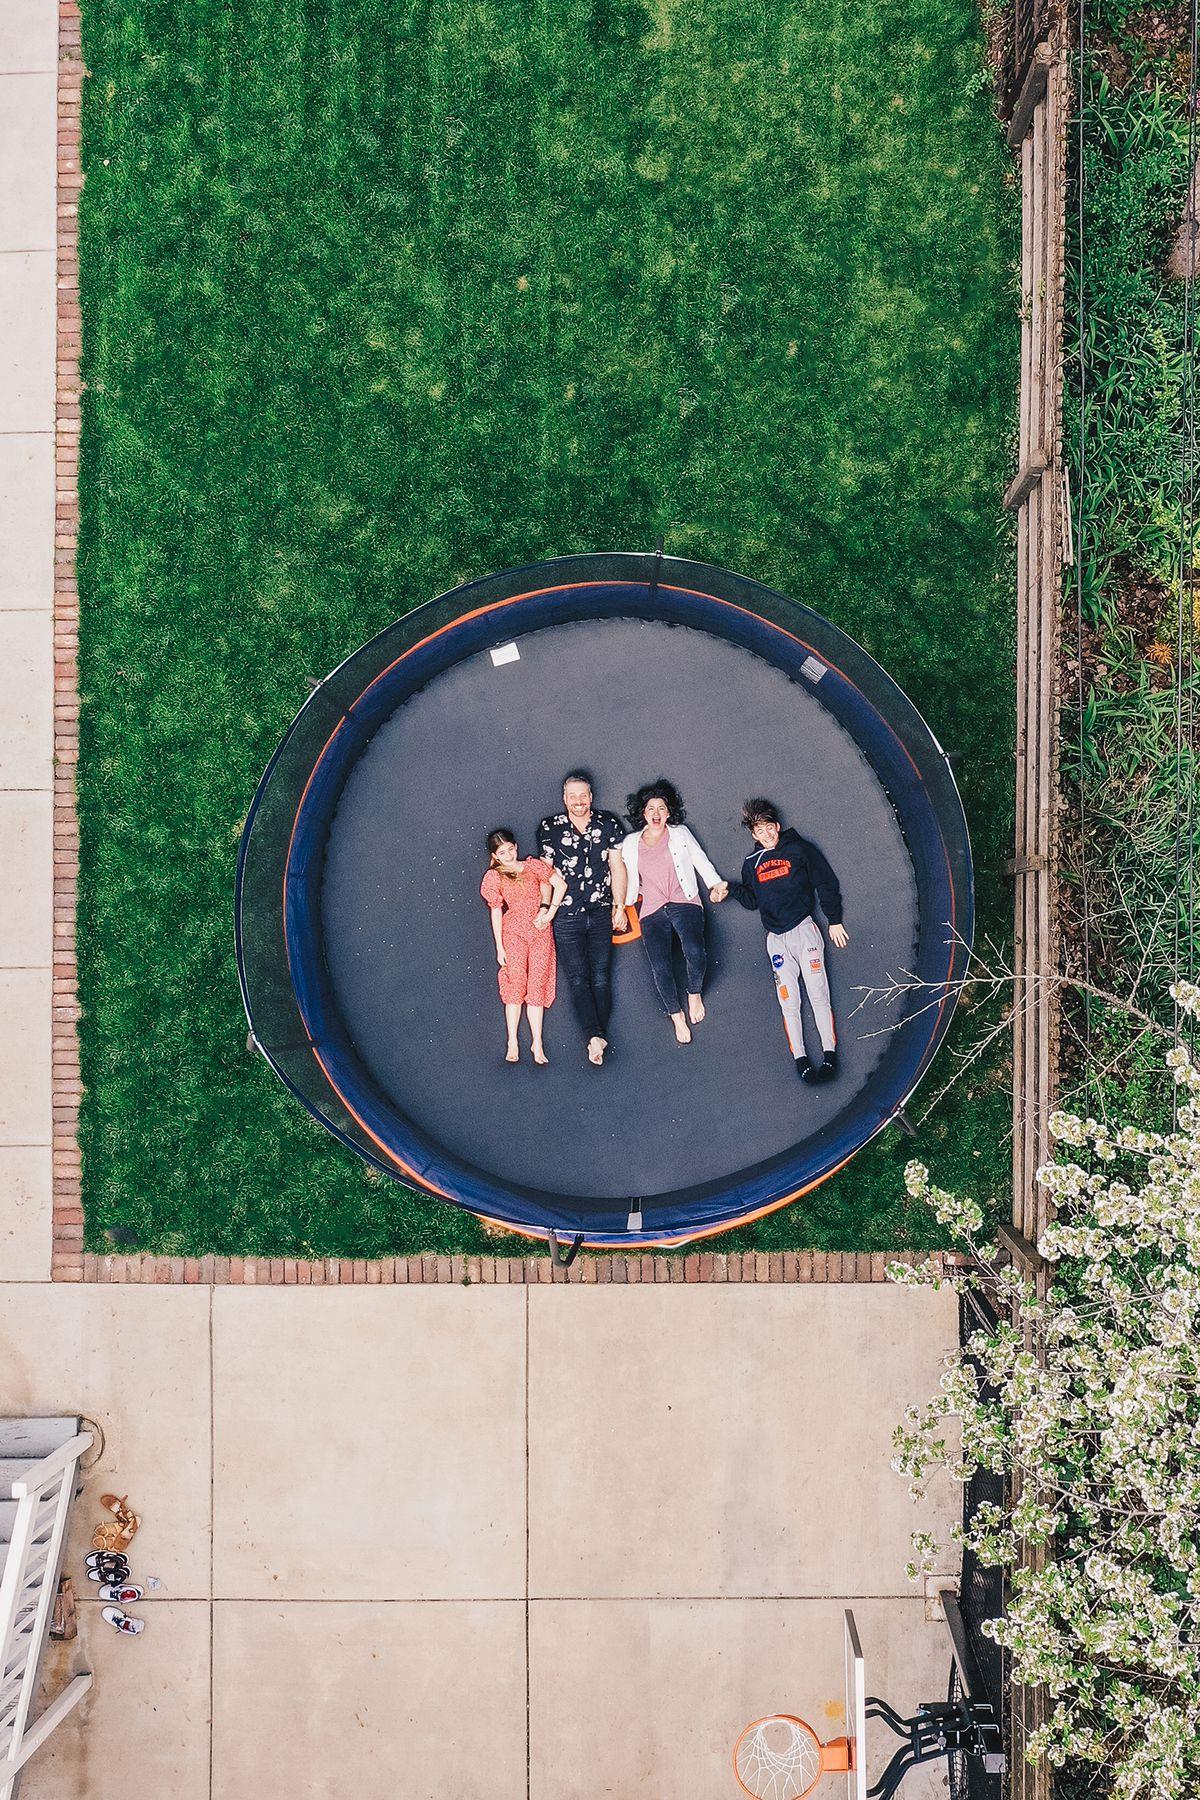 Gigi, Jarrett, Jeanne and Elijah Stevens on their trampoline in their West Loop backyard.